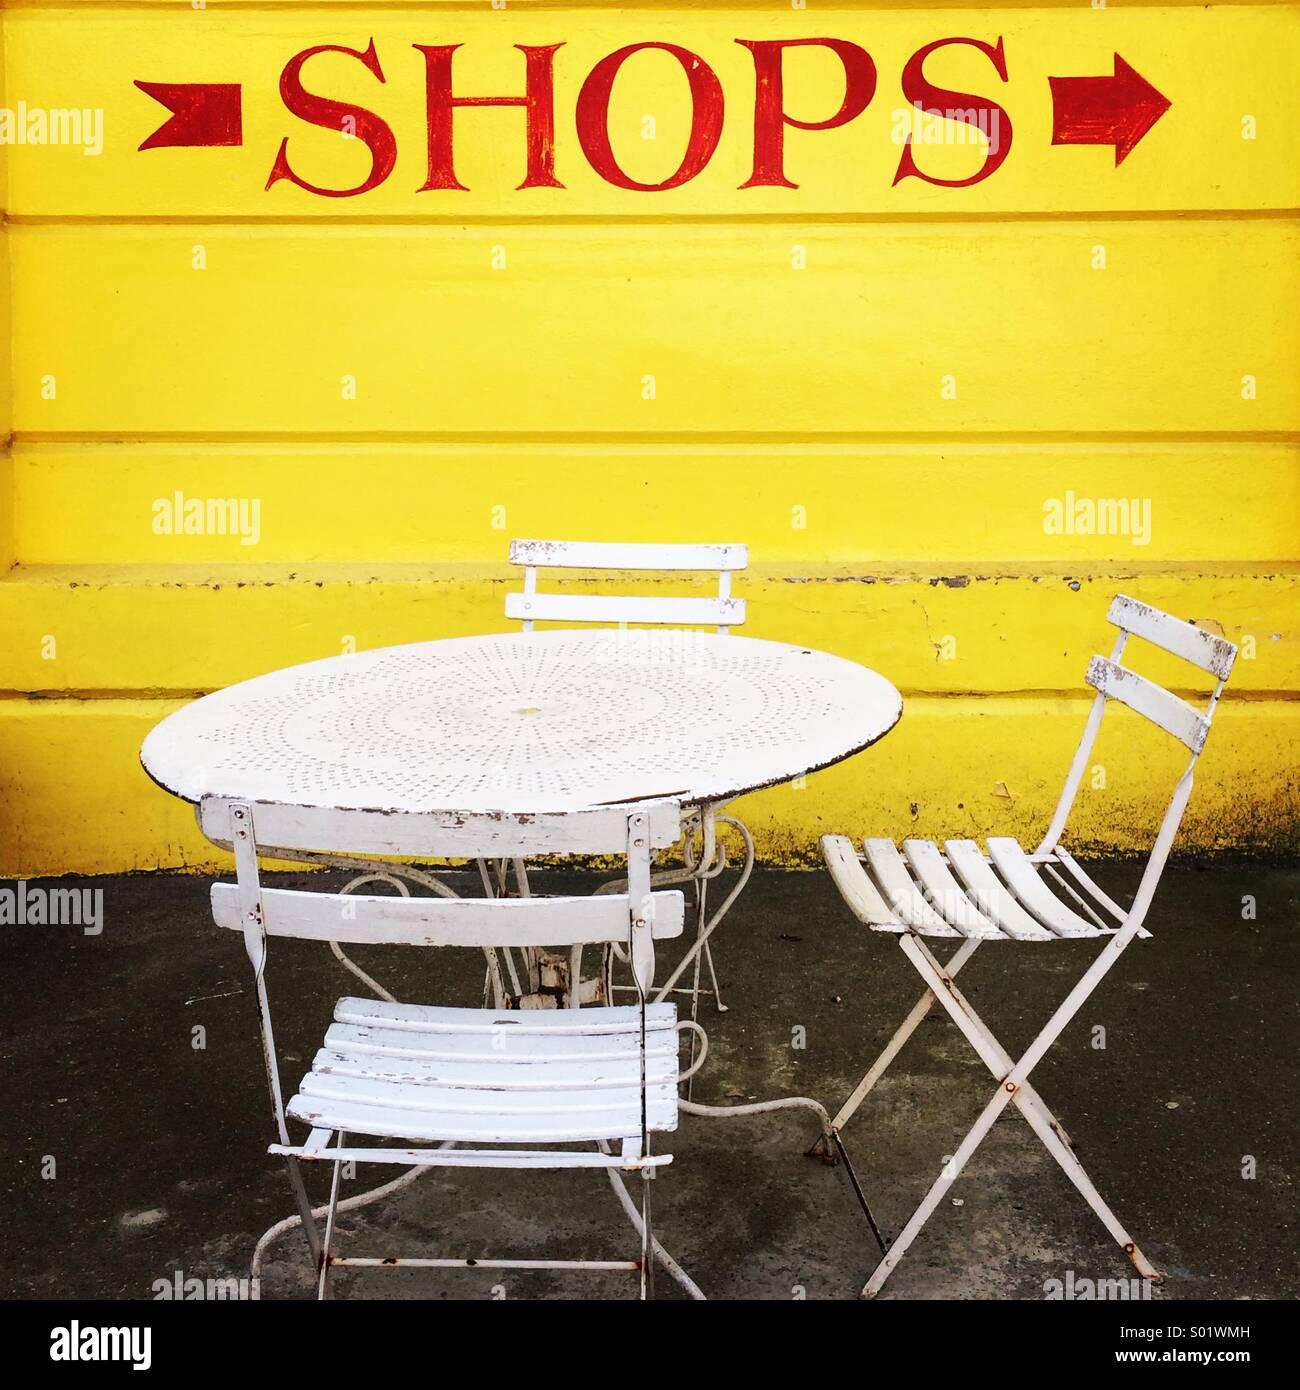 Segno per i negozi sulla parete gialla con il bianco giardino con sedie e tavolo Immagini Stock